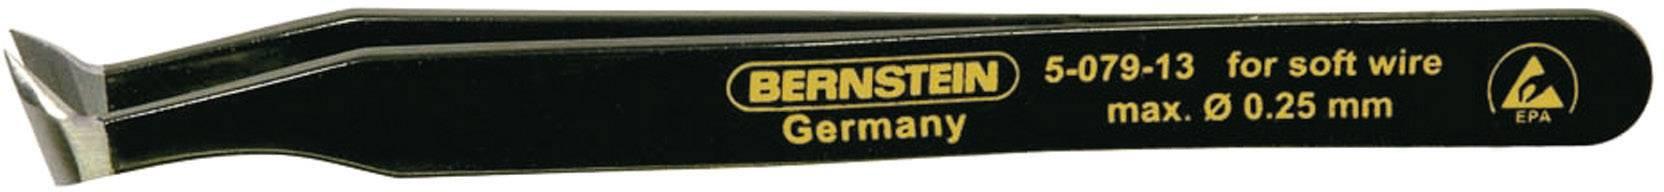 Bernstein 5-079-13, 115 mm